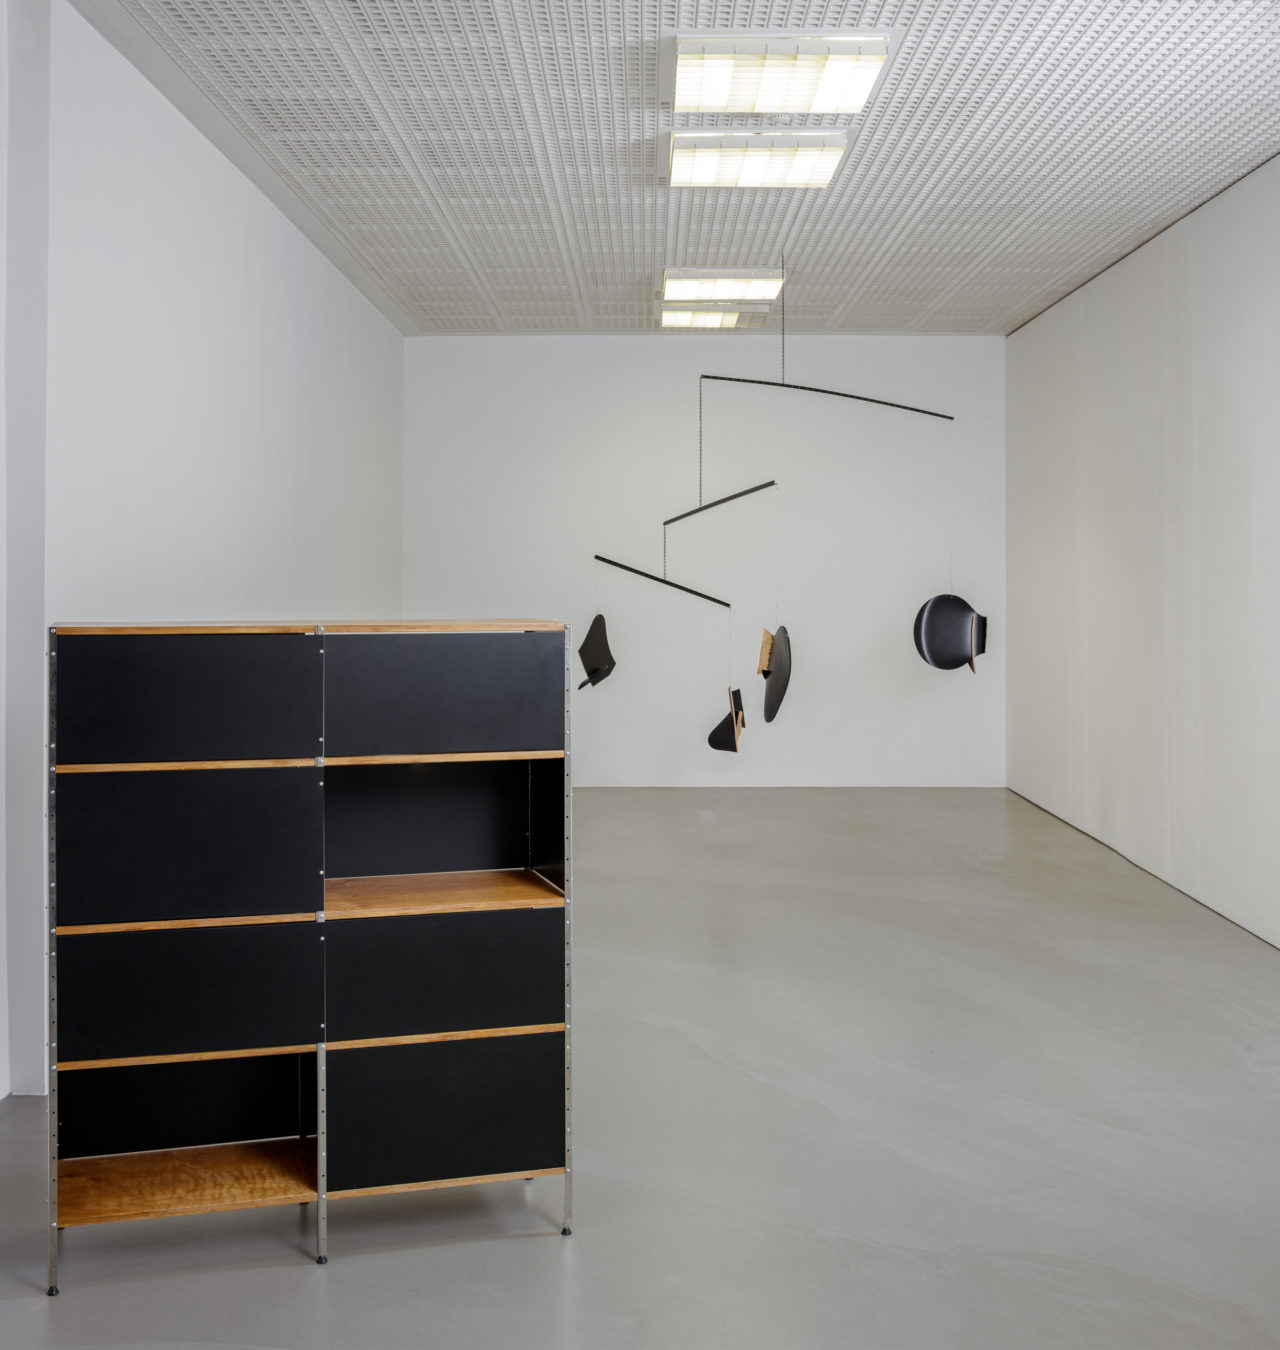 Lone Haugaard Madsen: Raum #384 – Nyt, Installation view